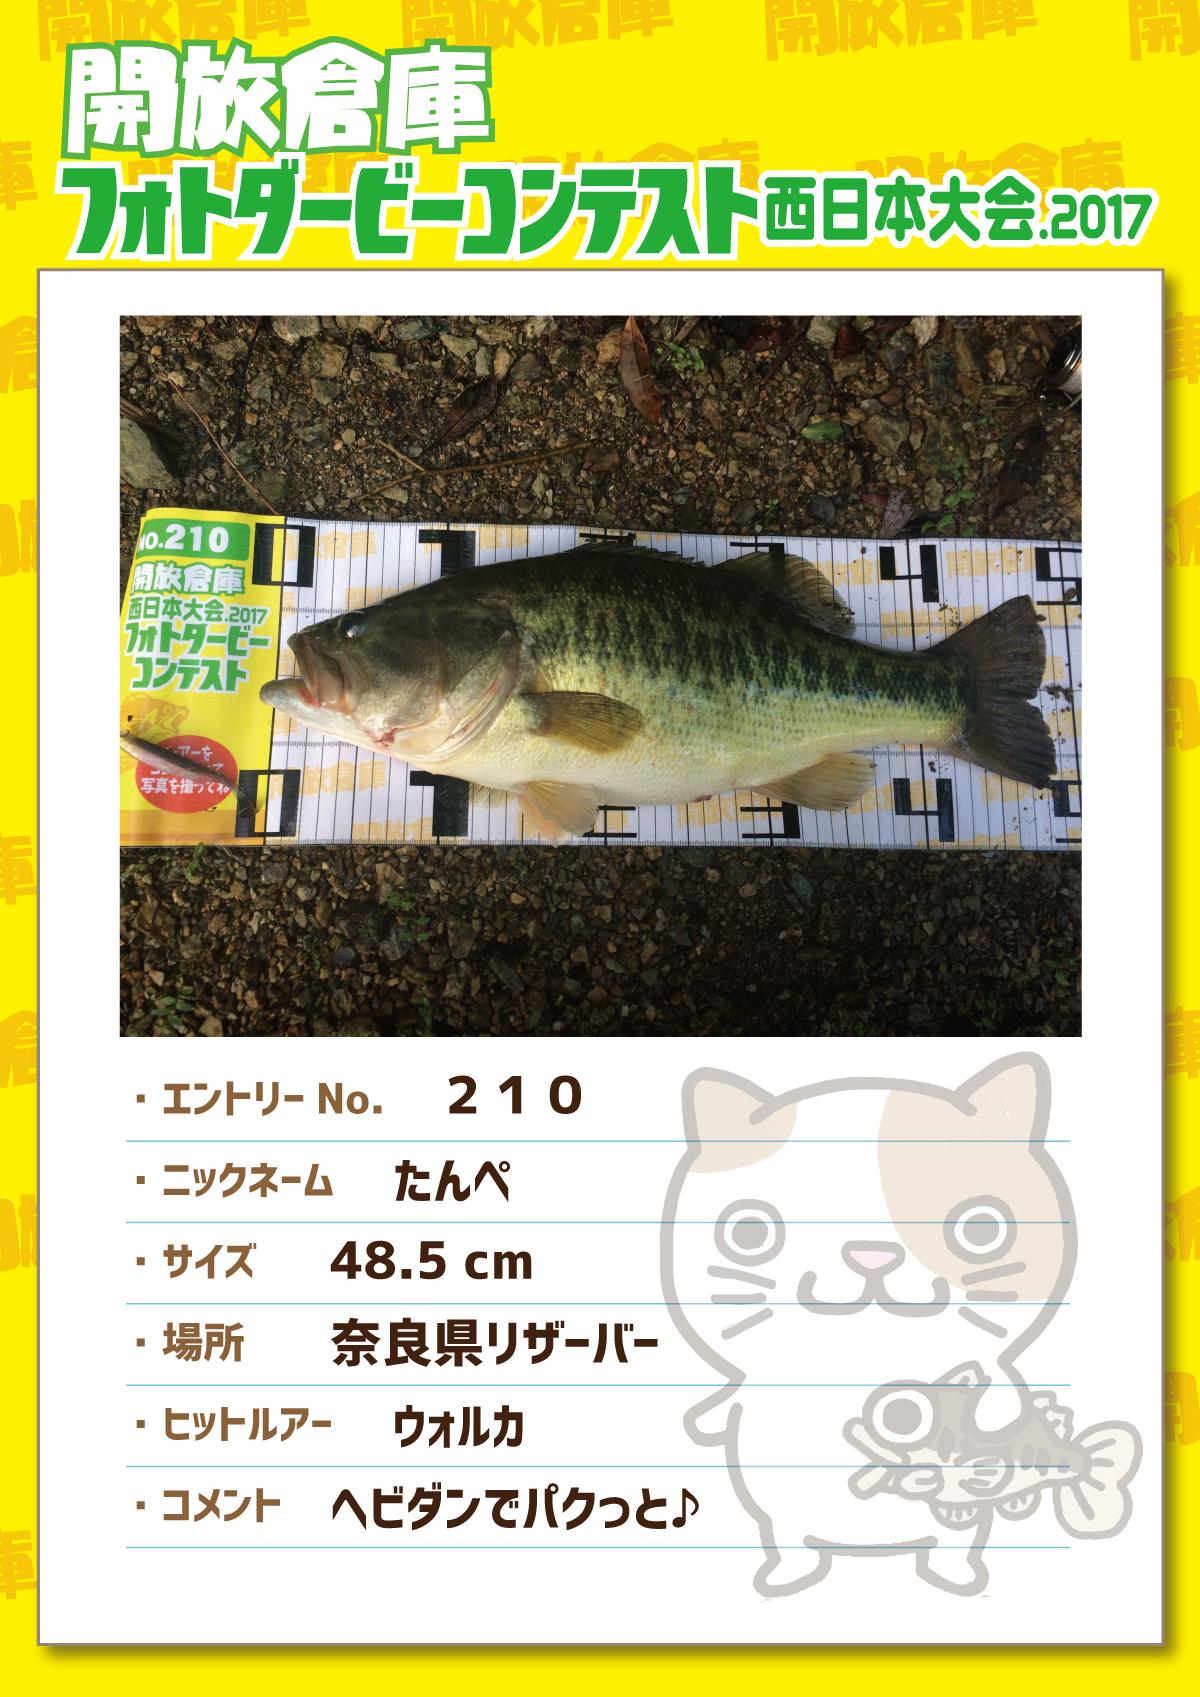 No.210 たんぺ 48.5cm 奈良県リザーバー ウォルカ ヘビダンでパクっと♪